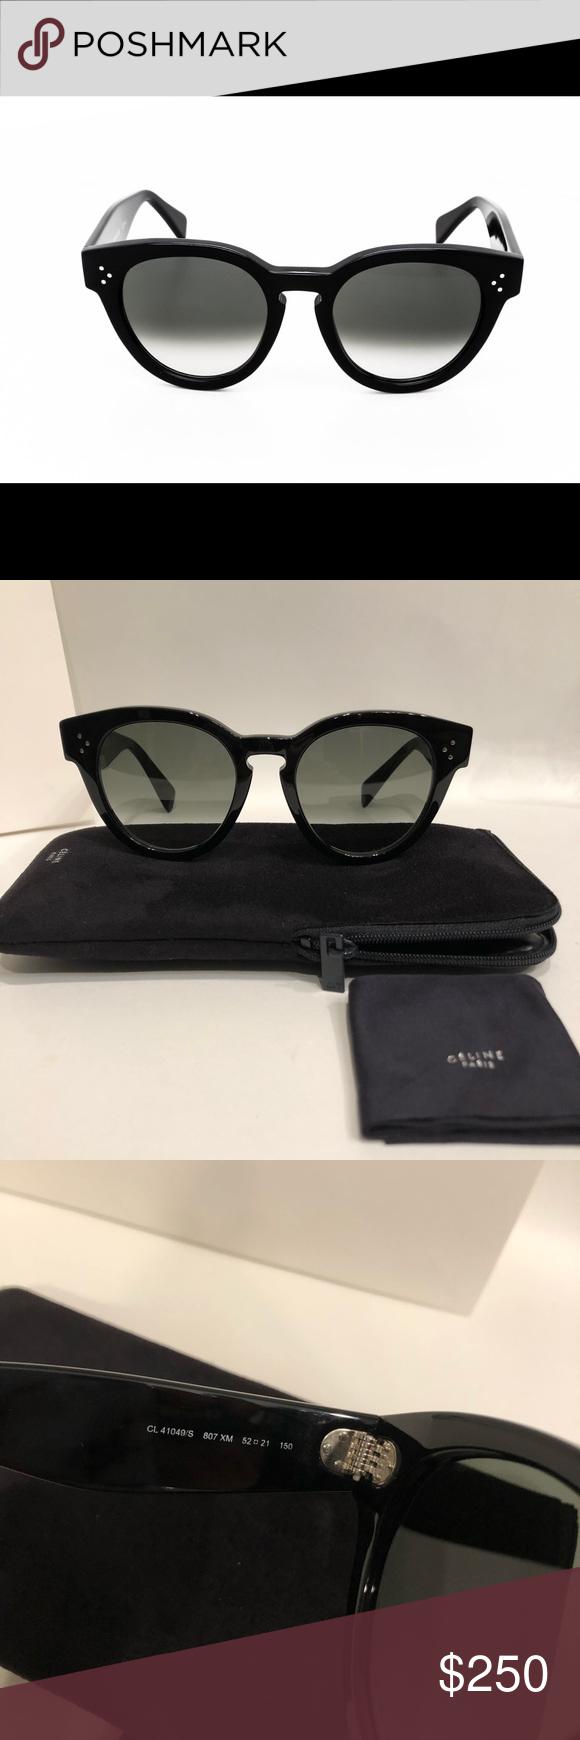 433ab8579fc Spotted while shopping on Poshmark  Celine sunglasses 😎😎!  poshmark   fashion